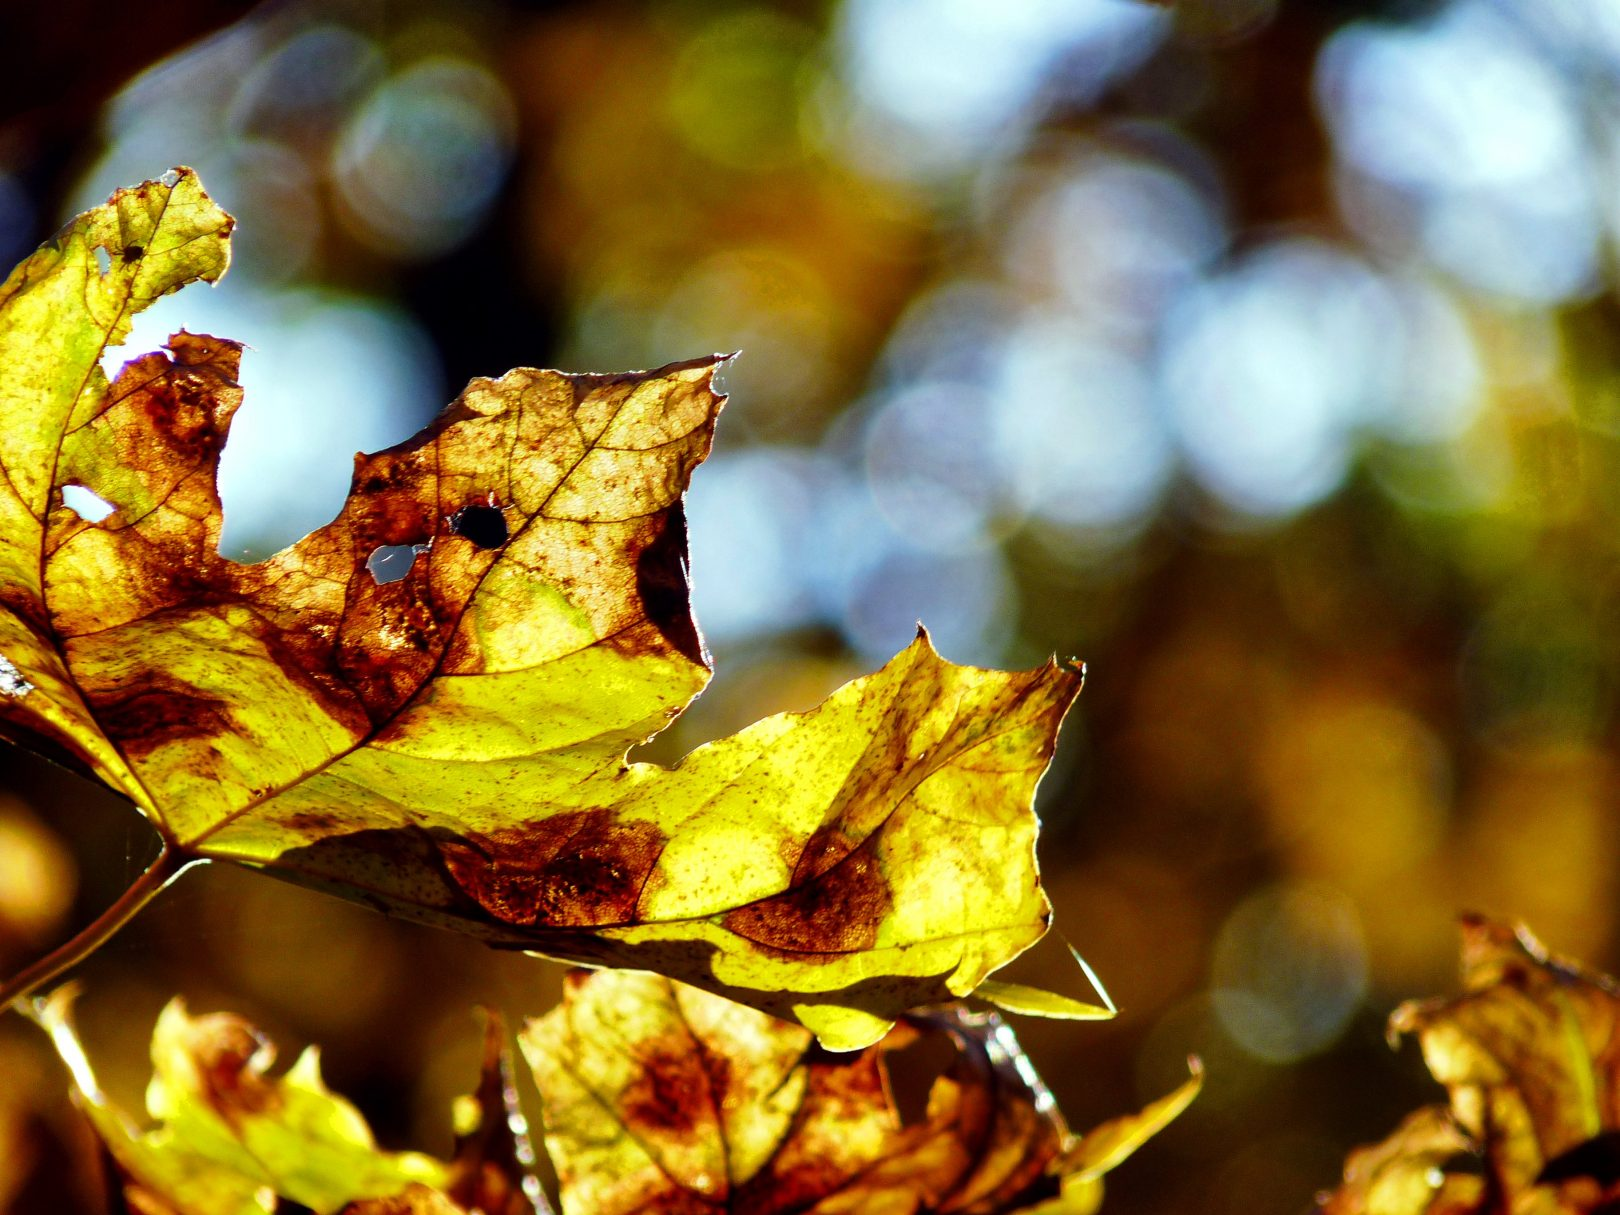 Les travaux d'arboriculture l'automne